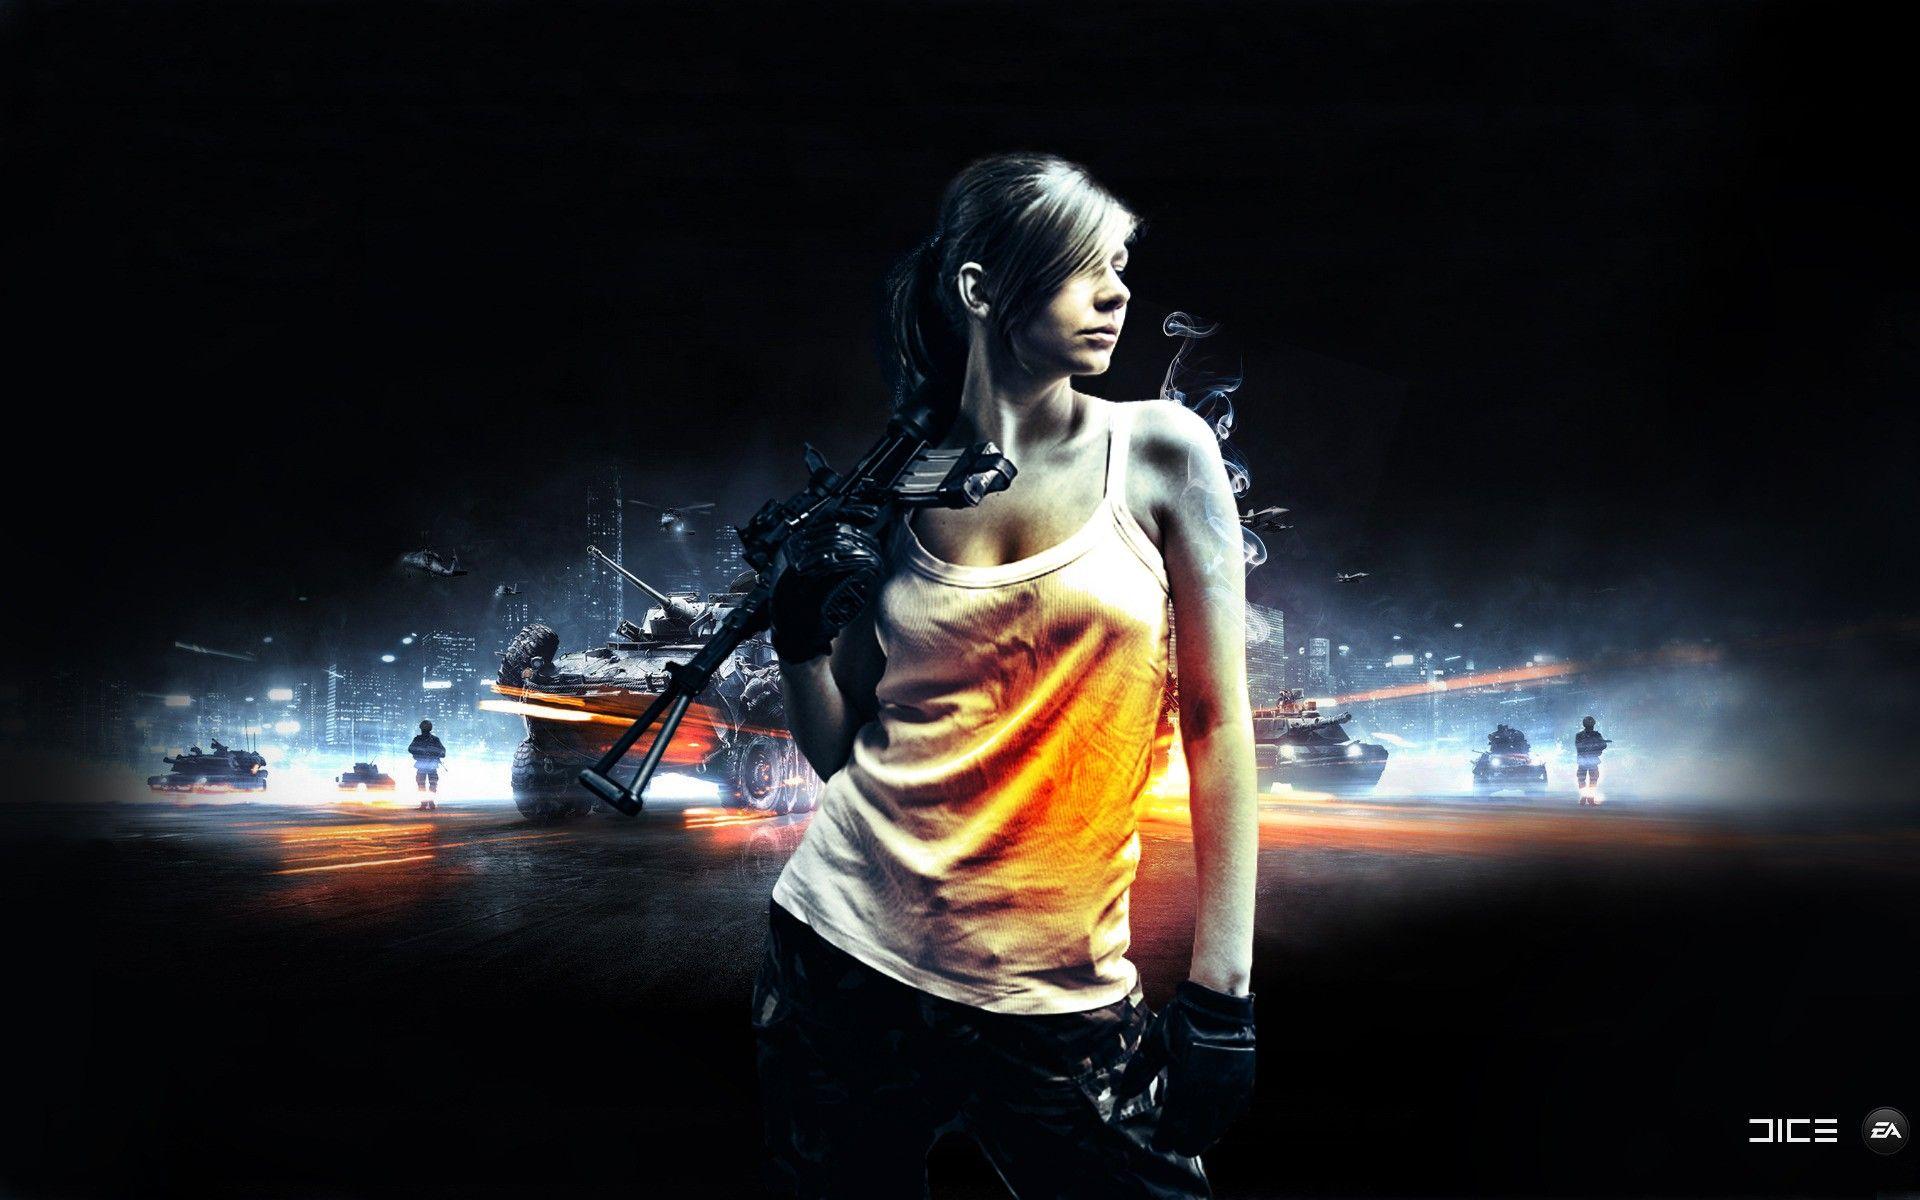 Image Result For Battlefield 3 Wallpaper 4k Cool Stuff